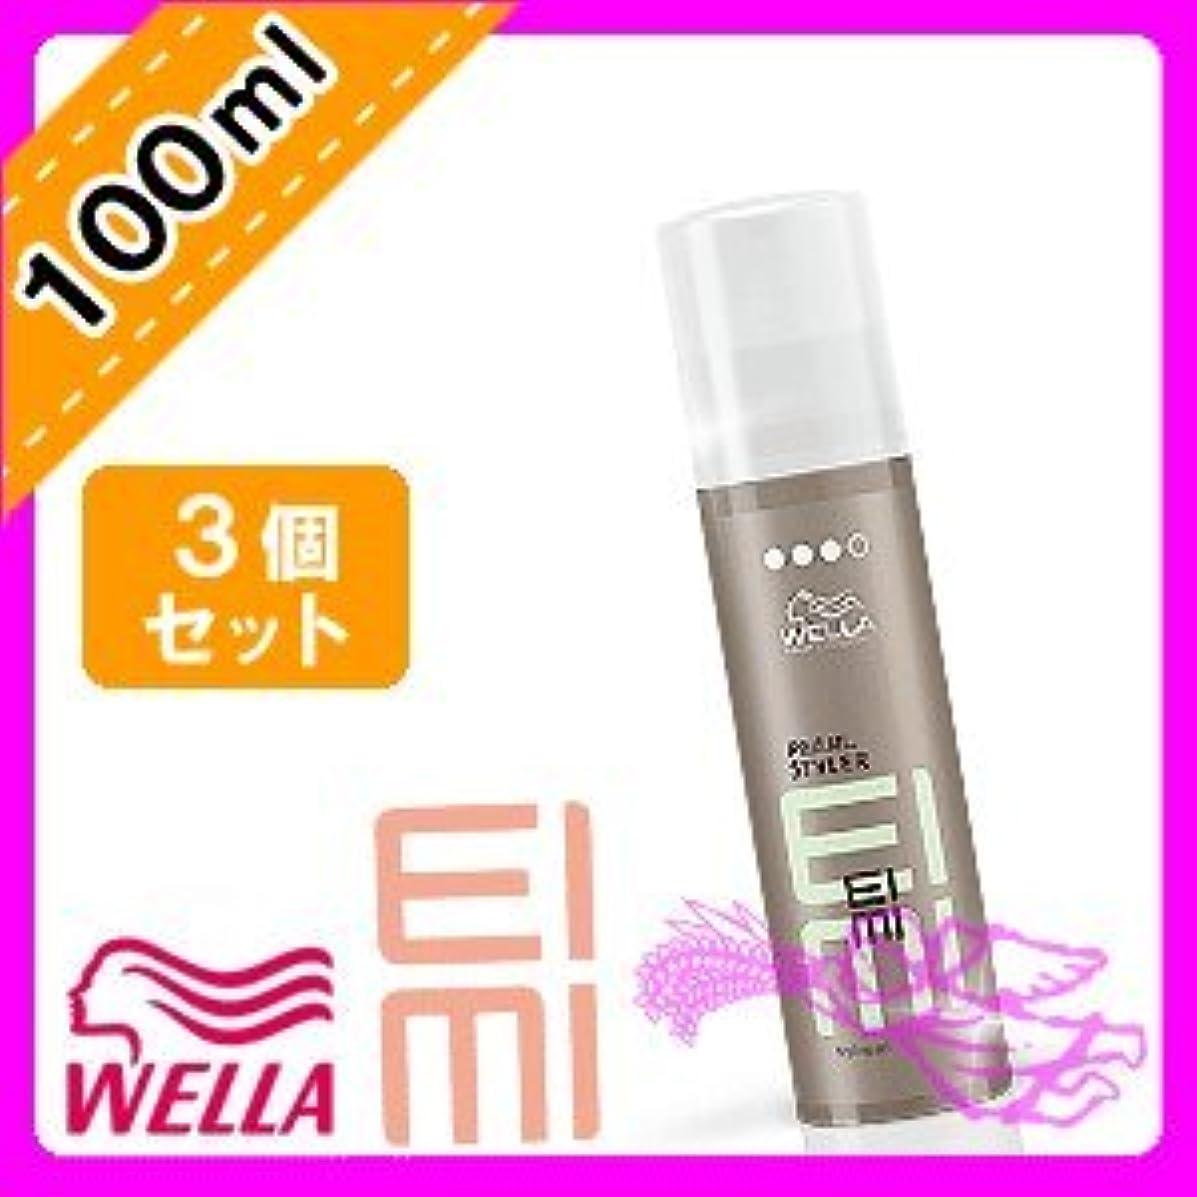 生産的広げる憧れウエラ EIMI(アイミィ) パールスタイラージェル 100ml ×3個 セット WELLA P&G